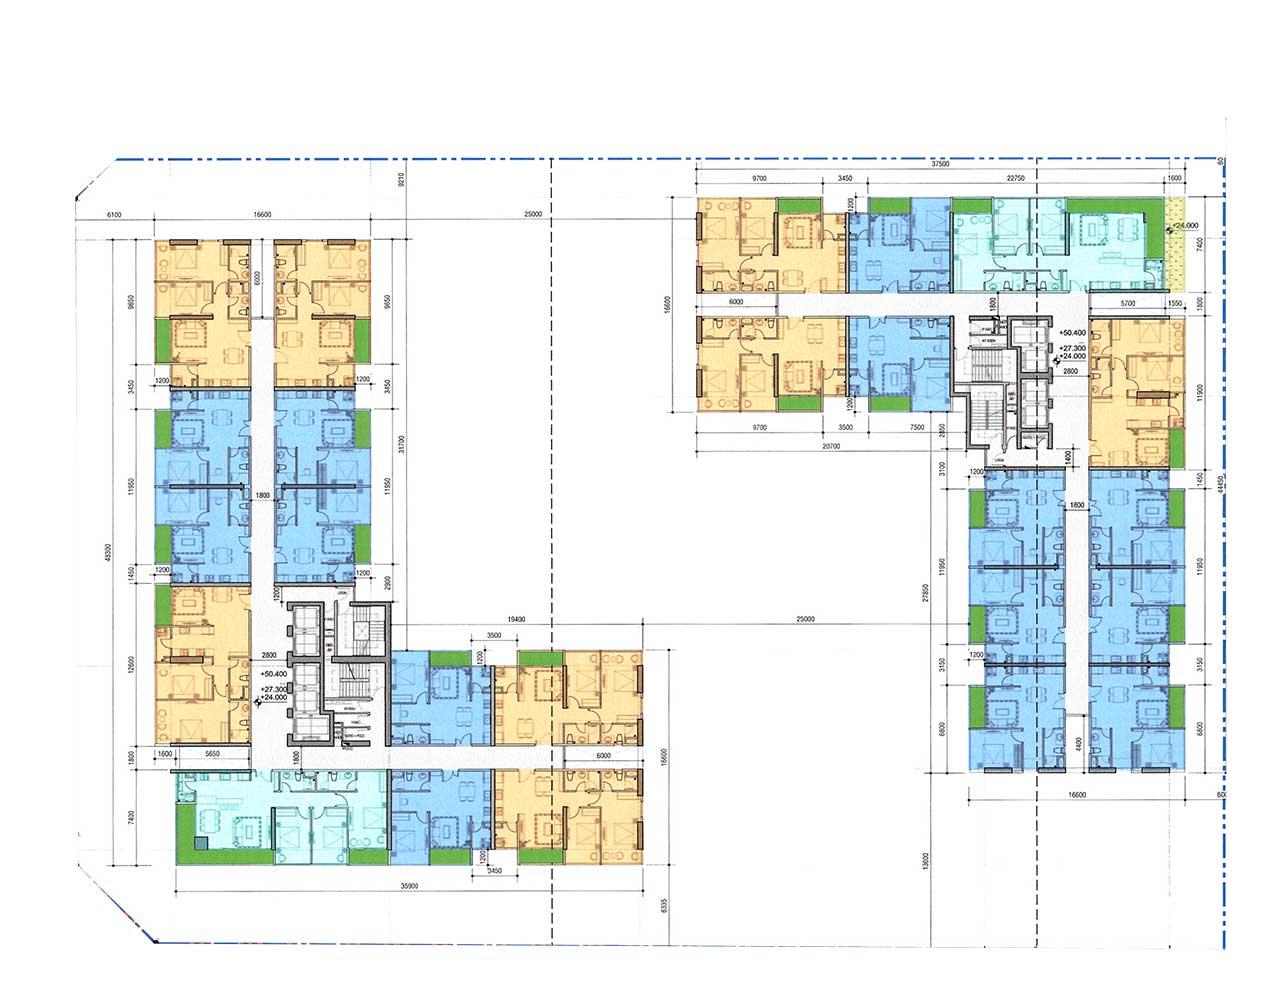 Mặt bằng căn hộ Riverfront Residences tầng 6 đến tầng 11